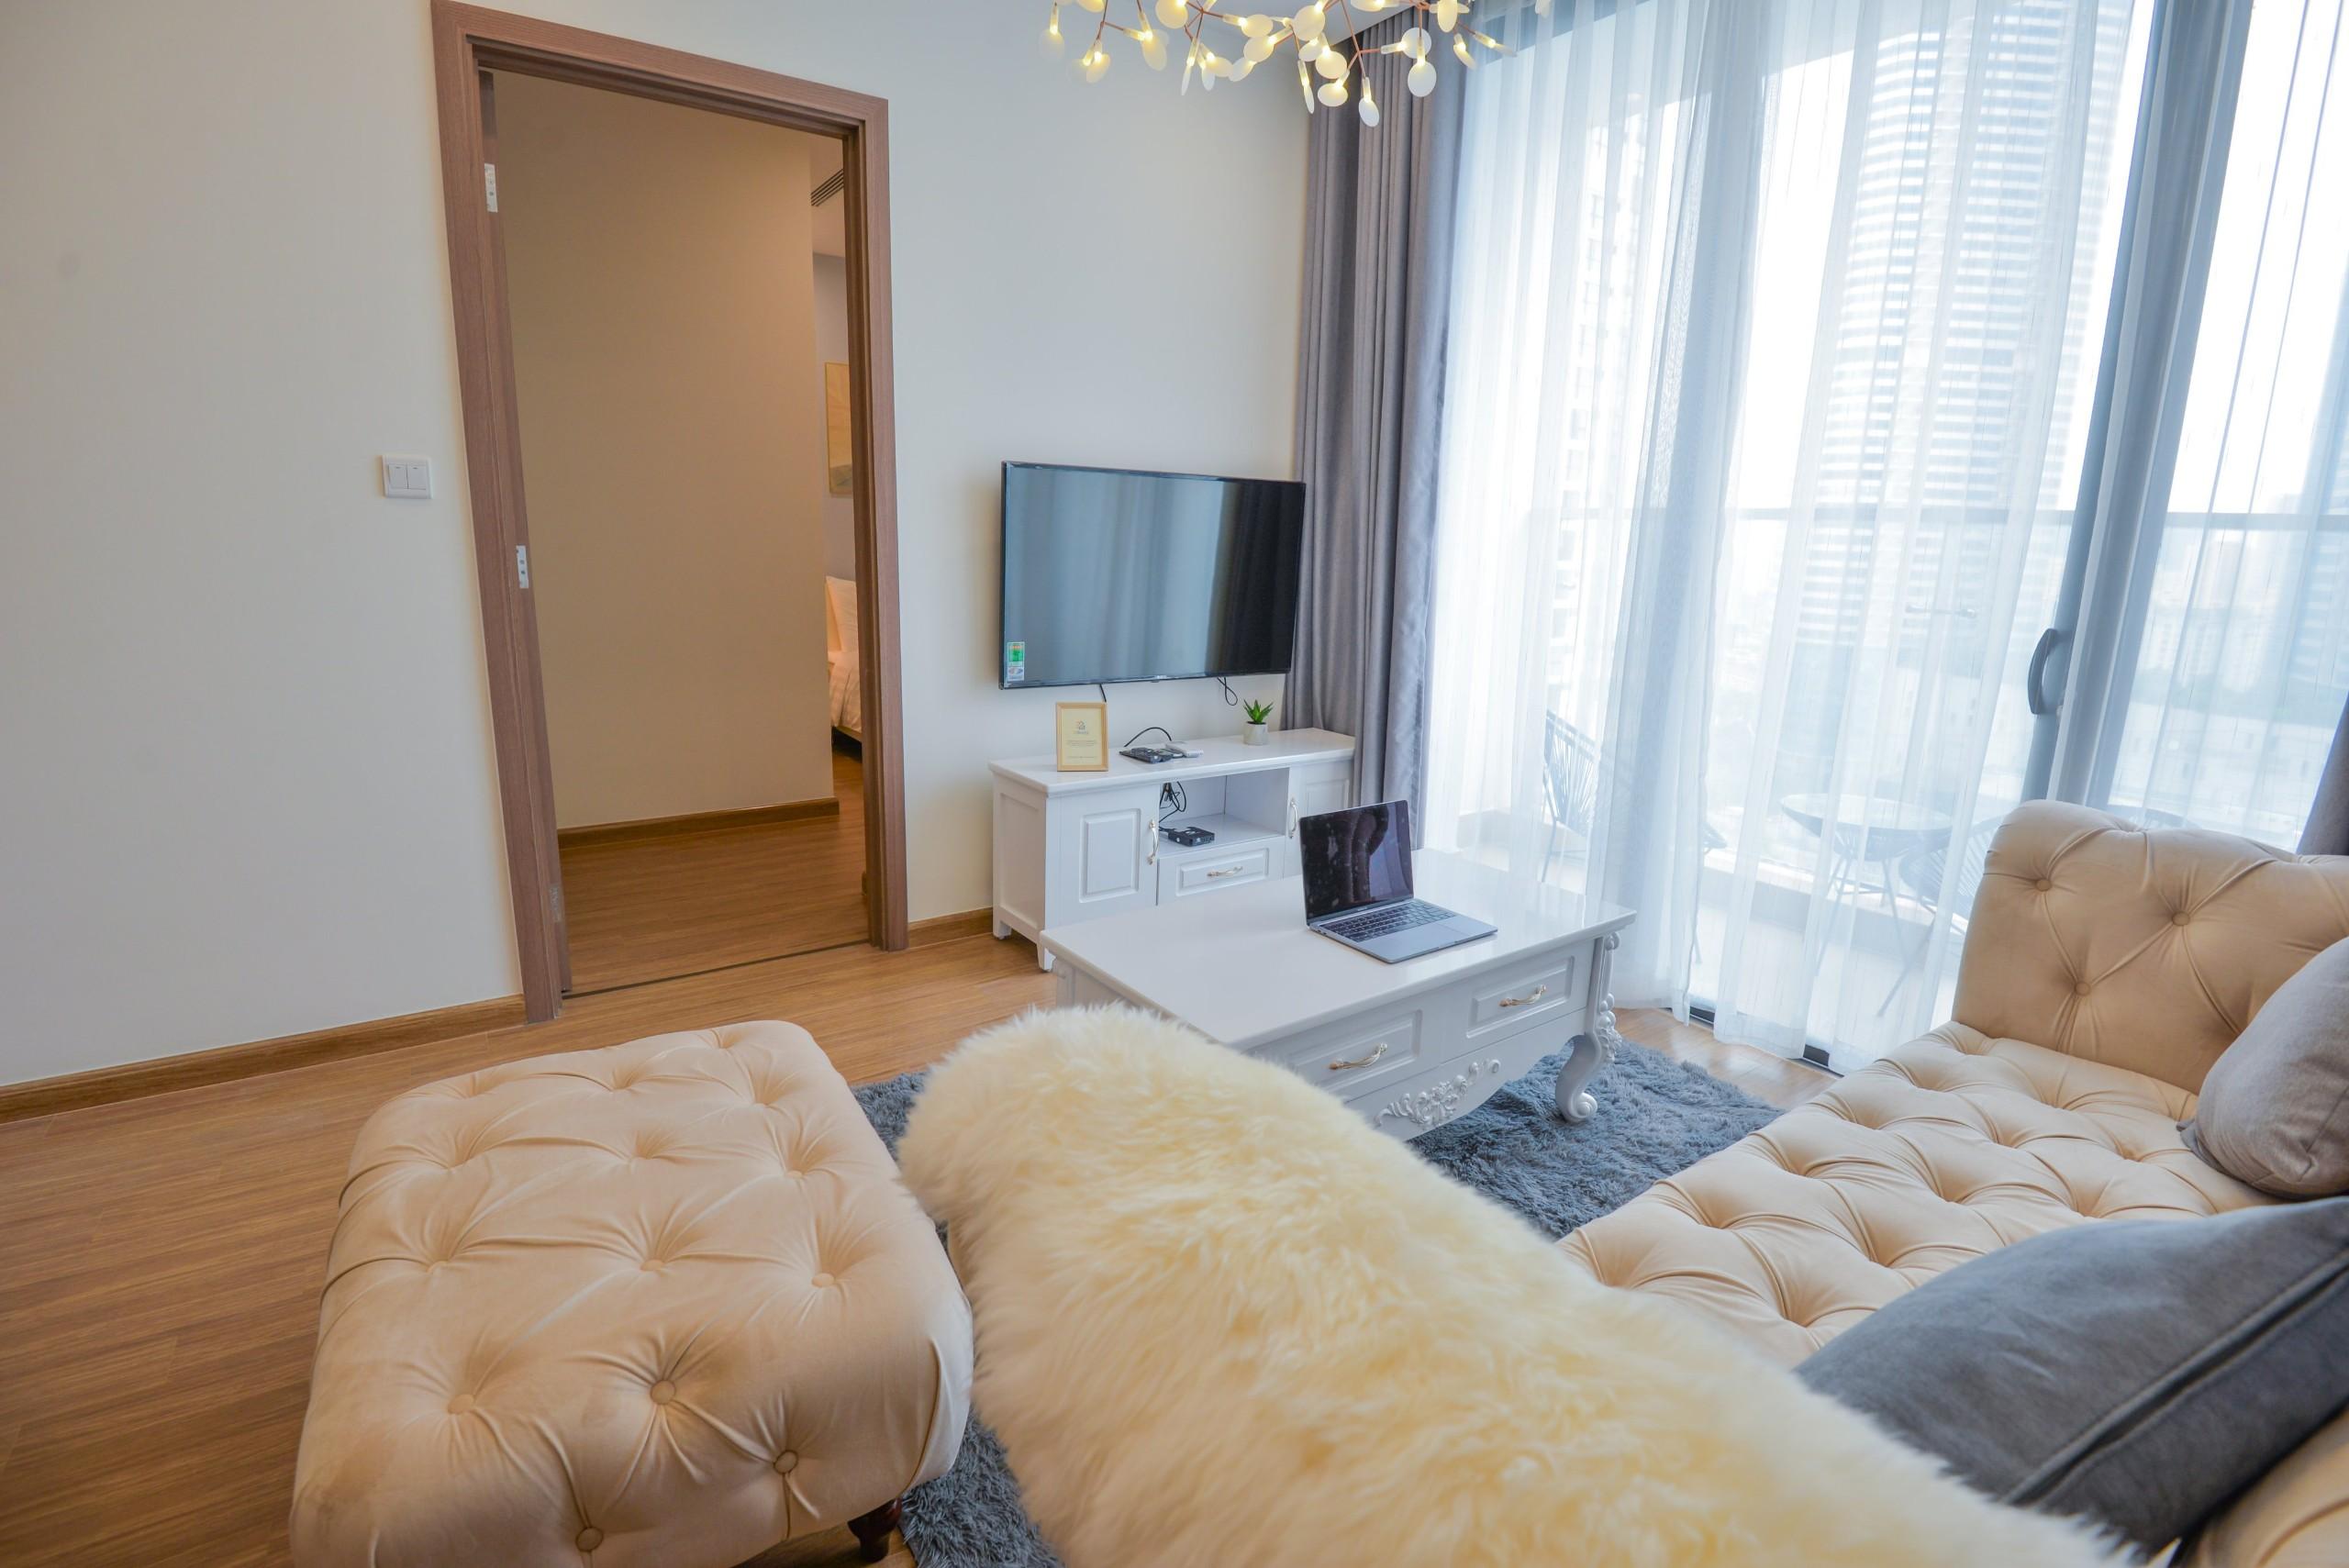 Vinhomes Skylake Pham Hung – 2BDR Apartment